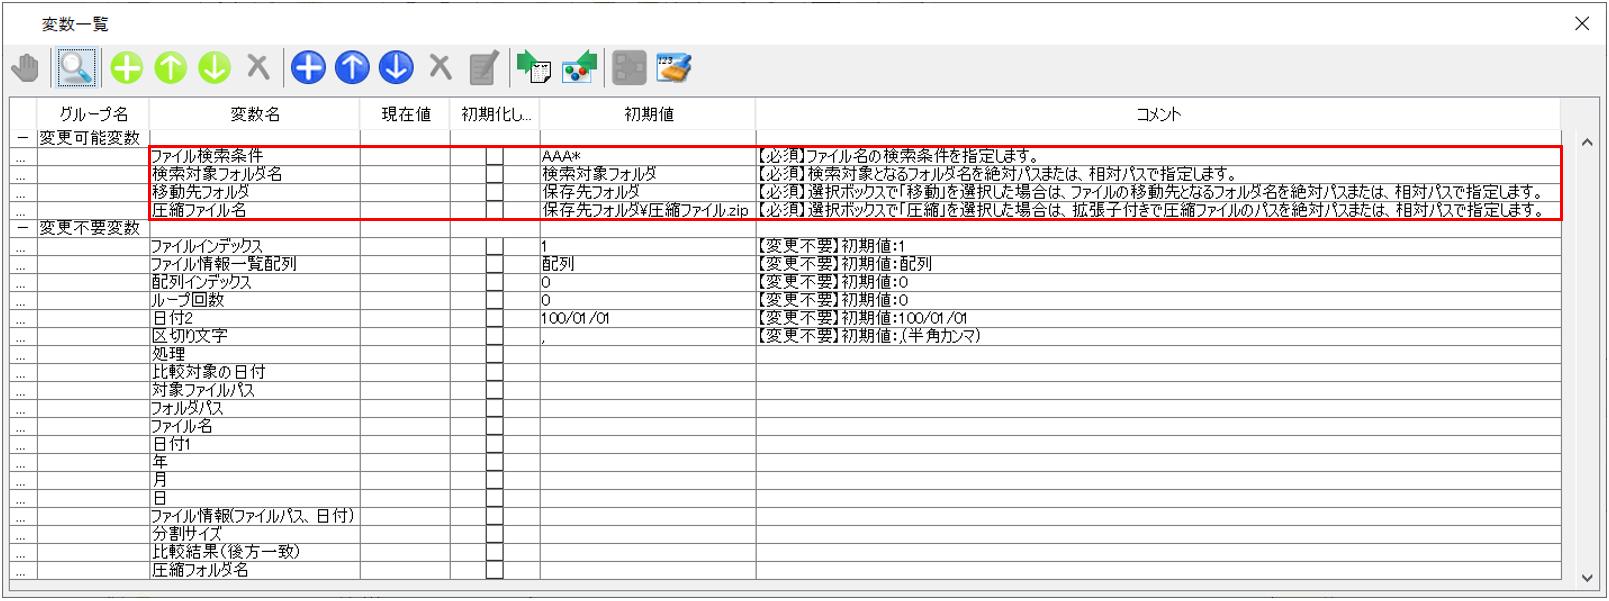 12447_input01.png